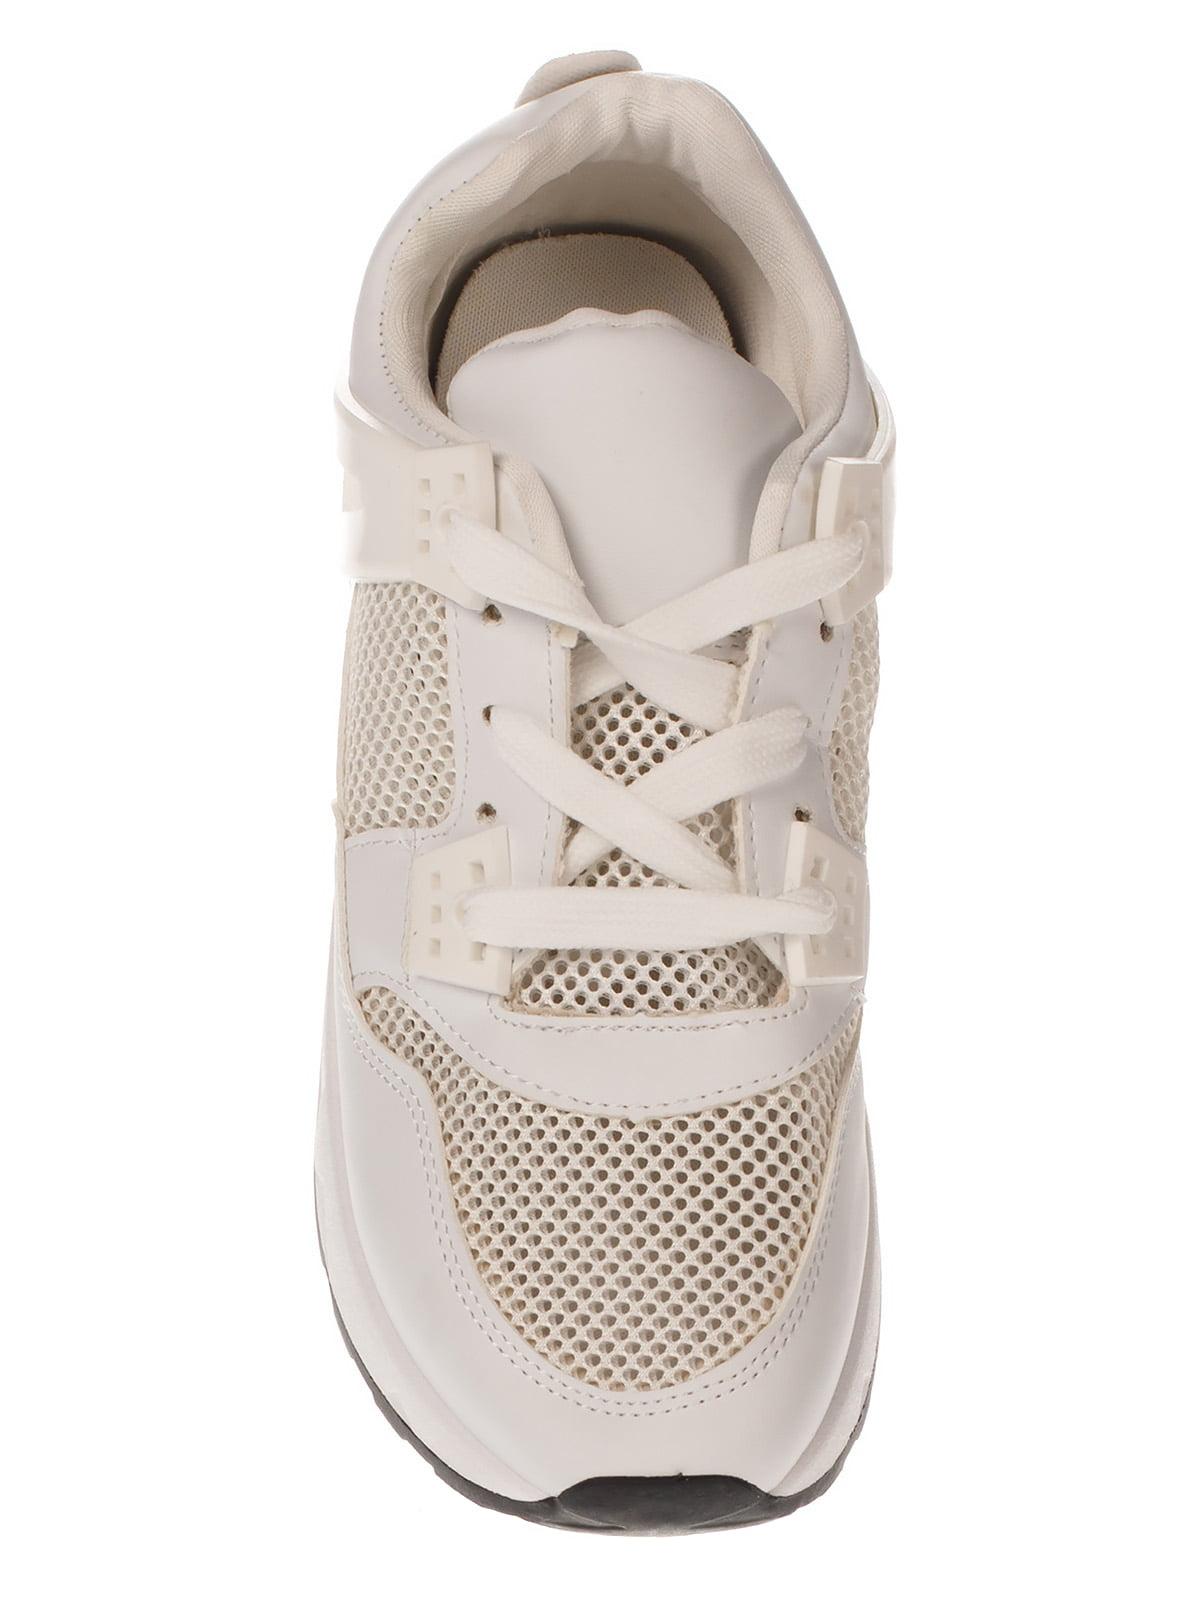 Кроссовки белые | 4001885 | фото 6